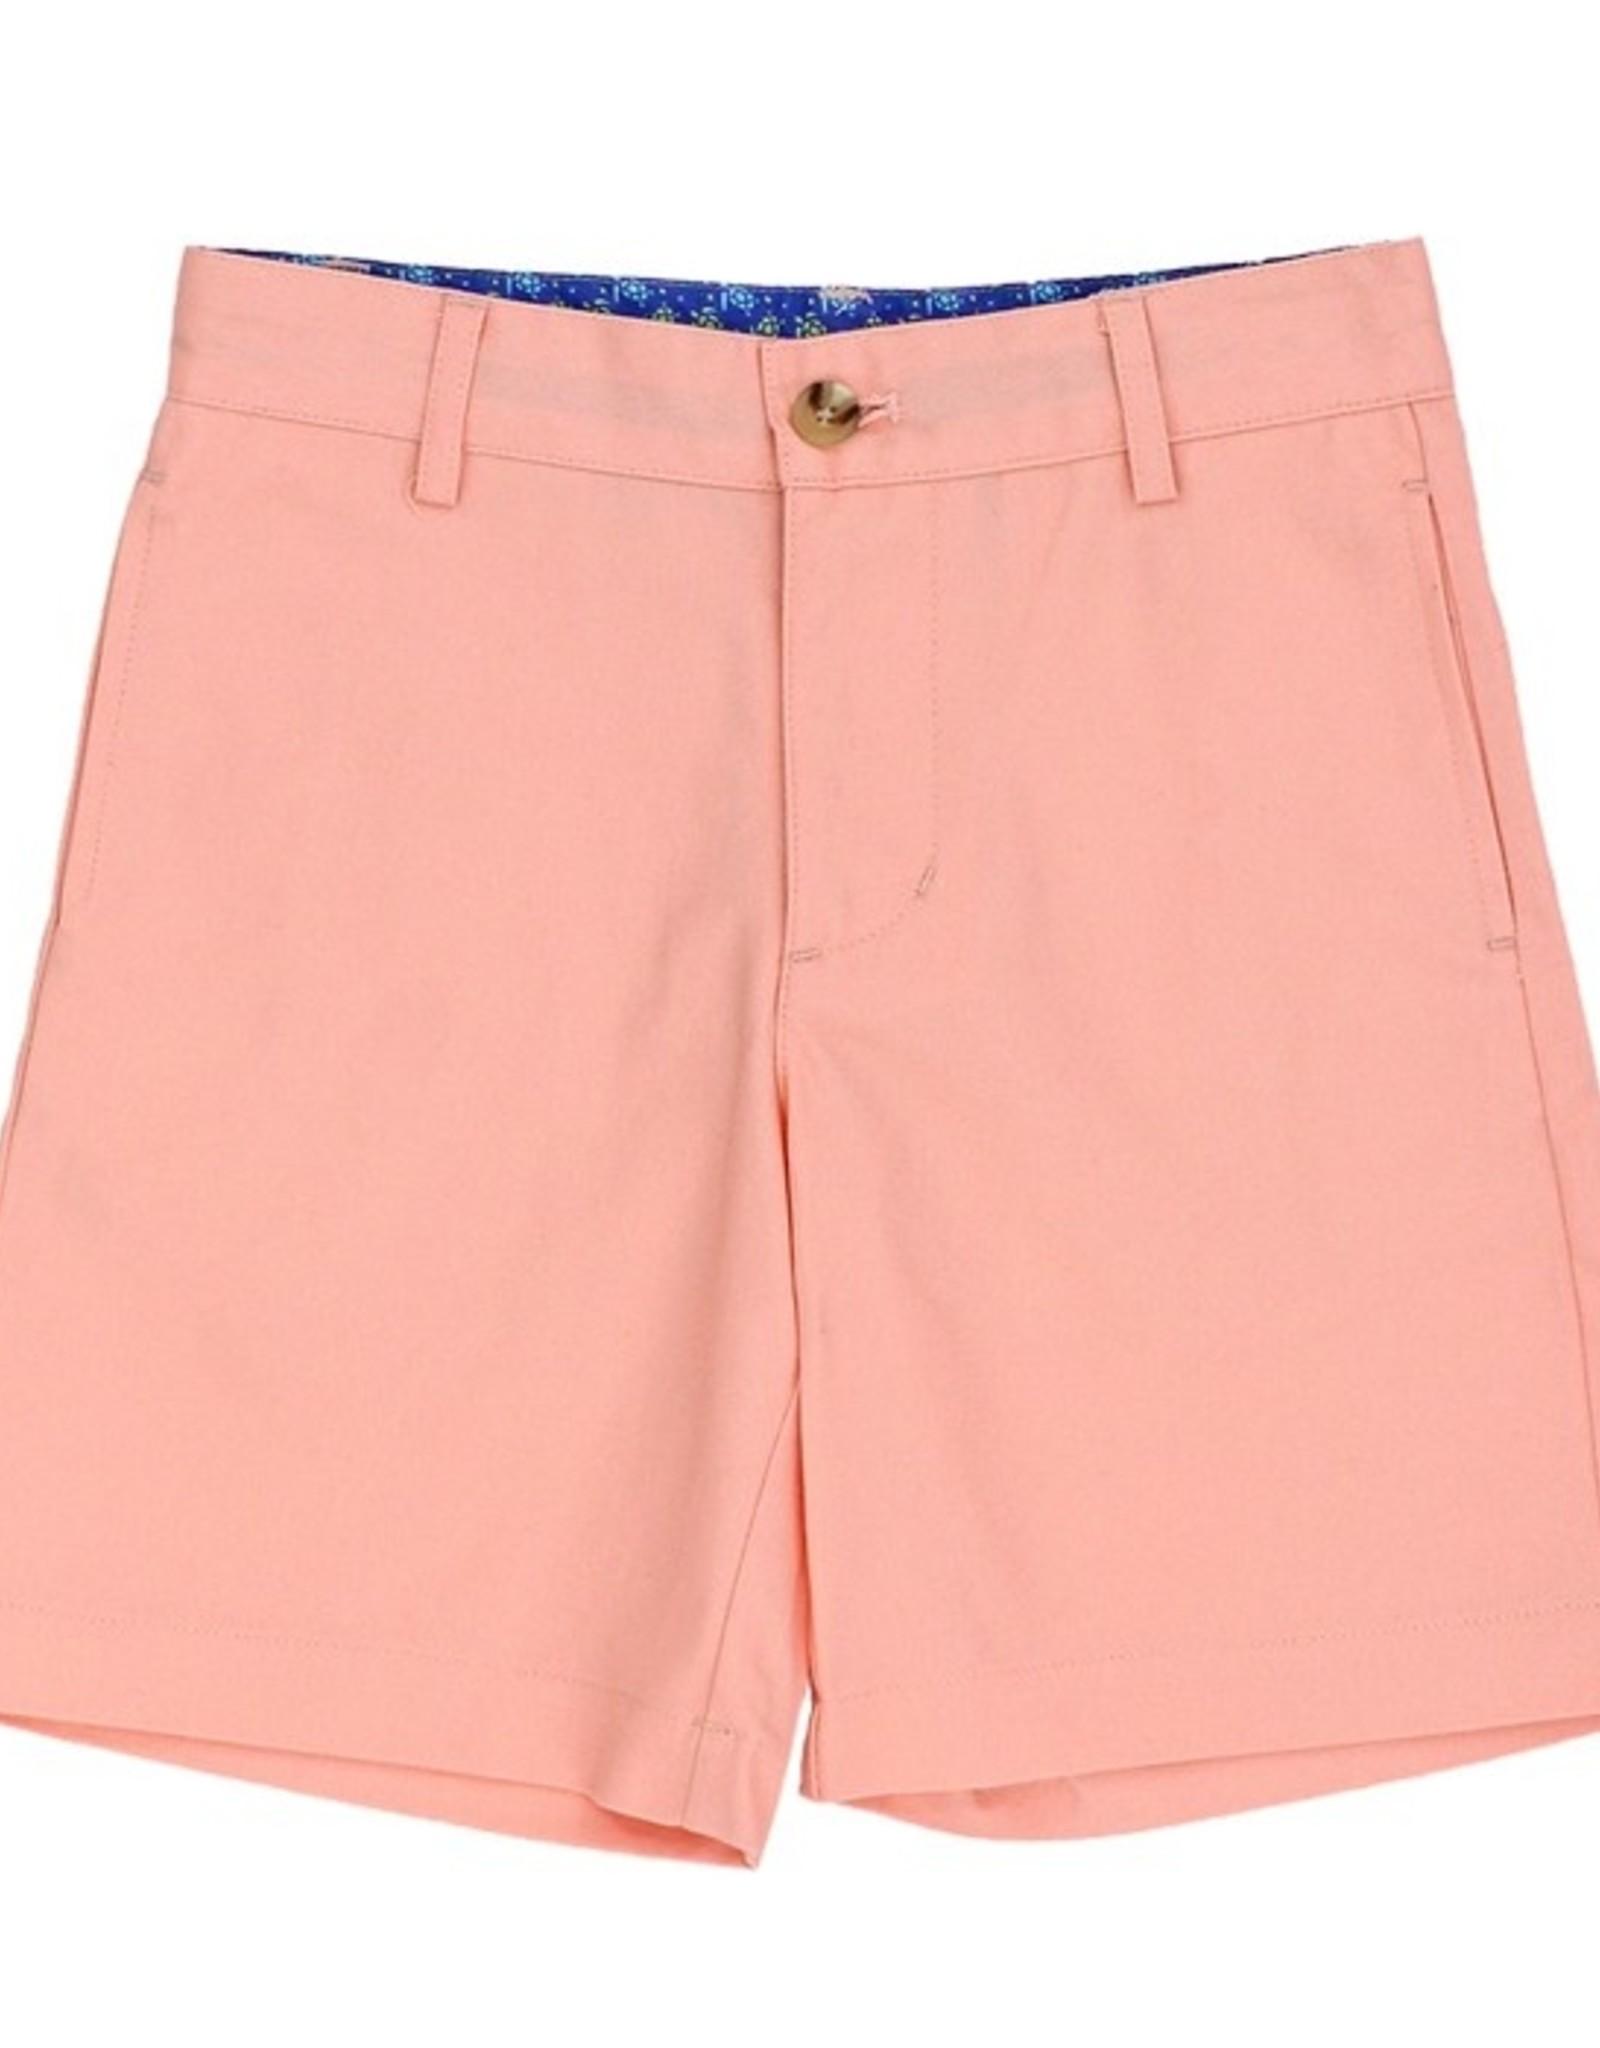 The Bailey Boys Cantaloupe Twill Shorts